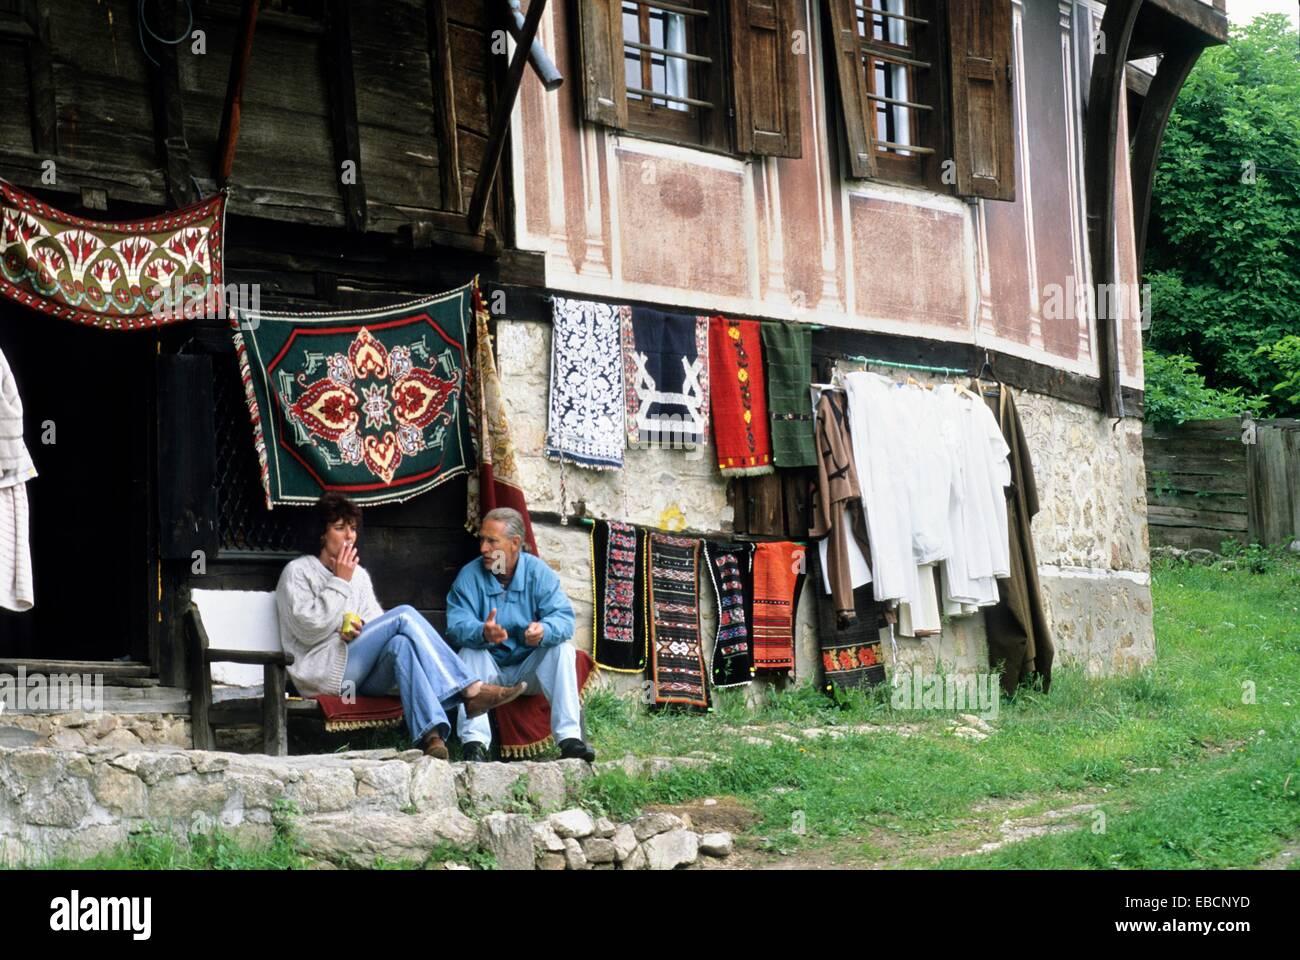 Tienda de artesanía, Koprivstica, Bulgaria, Europa Foto de stock